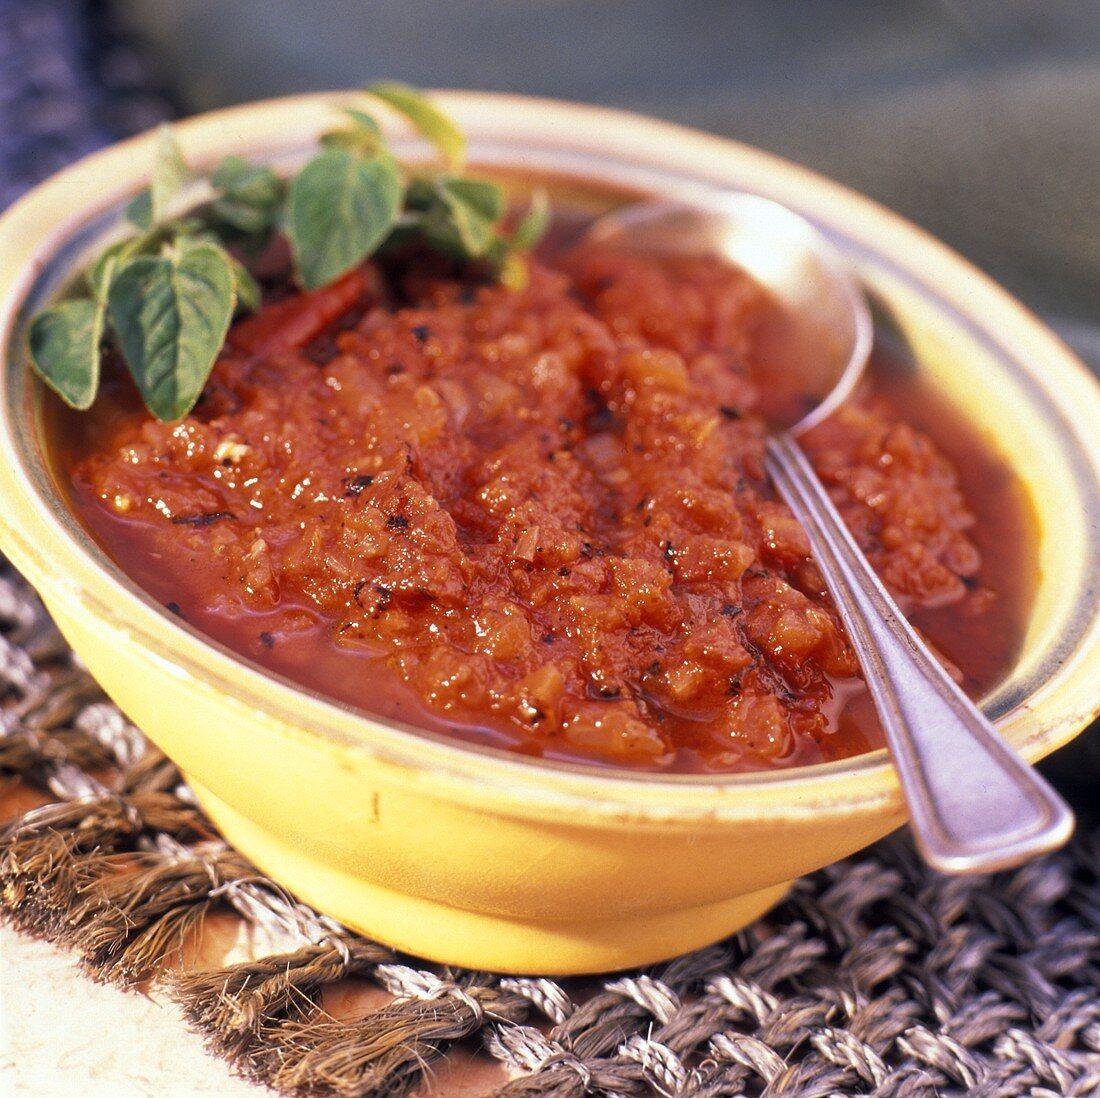 Salsa alla marinara (Tomato sauce with herbs & garlic)